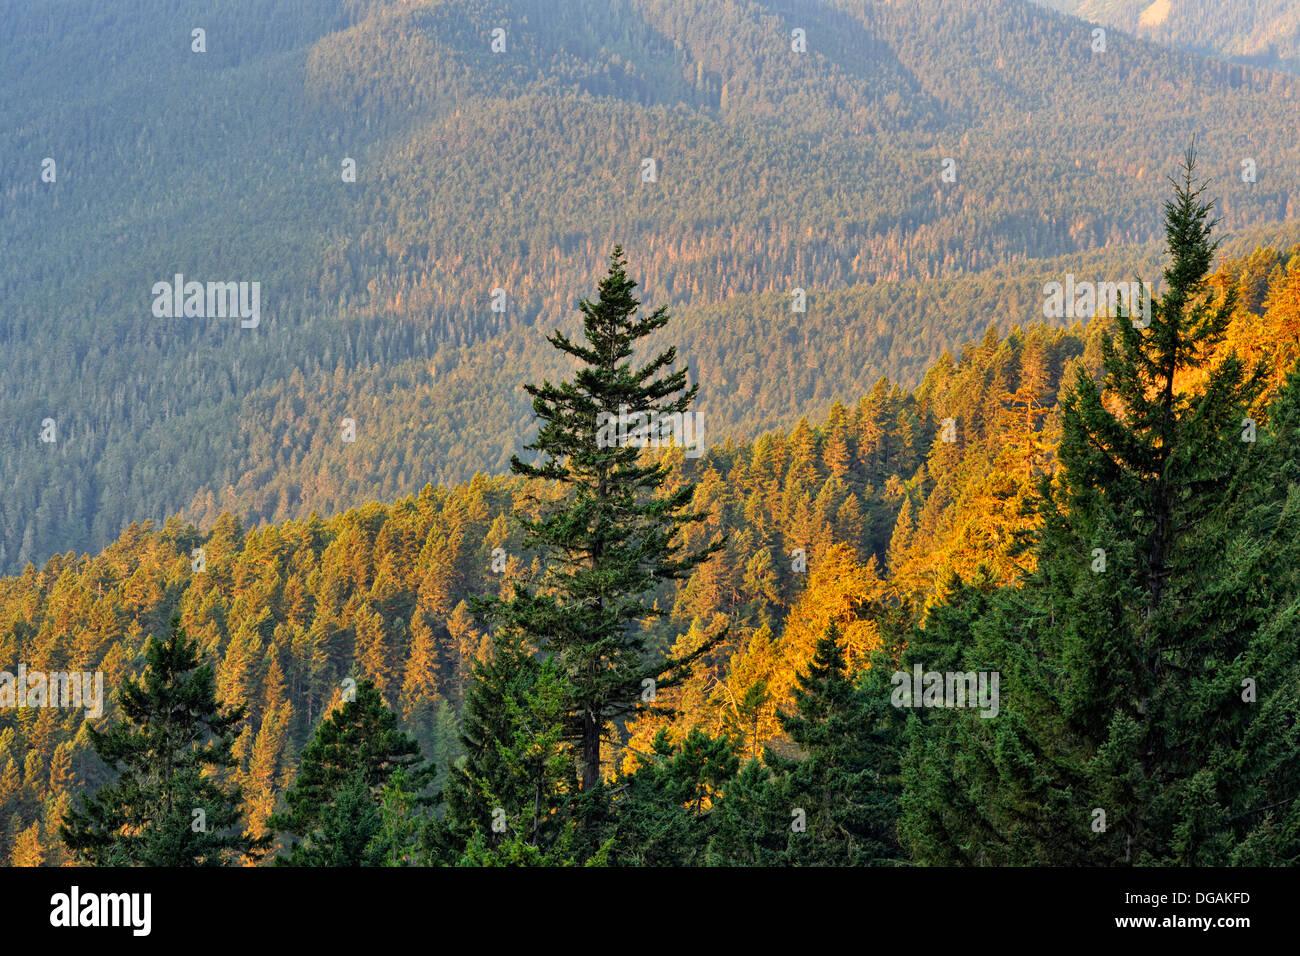 pine trees on mountainsides Olympic National Park Washington USA - Stock Image